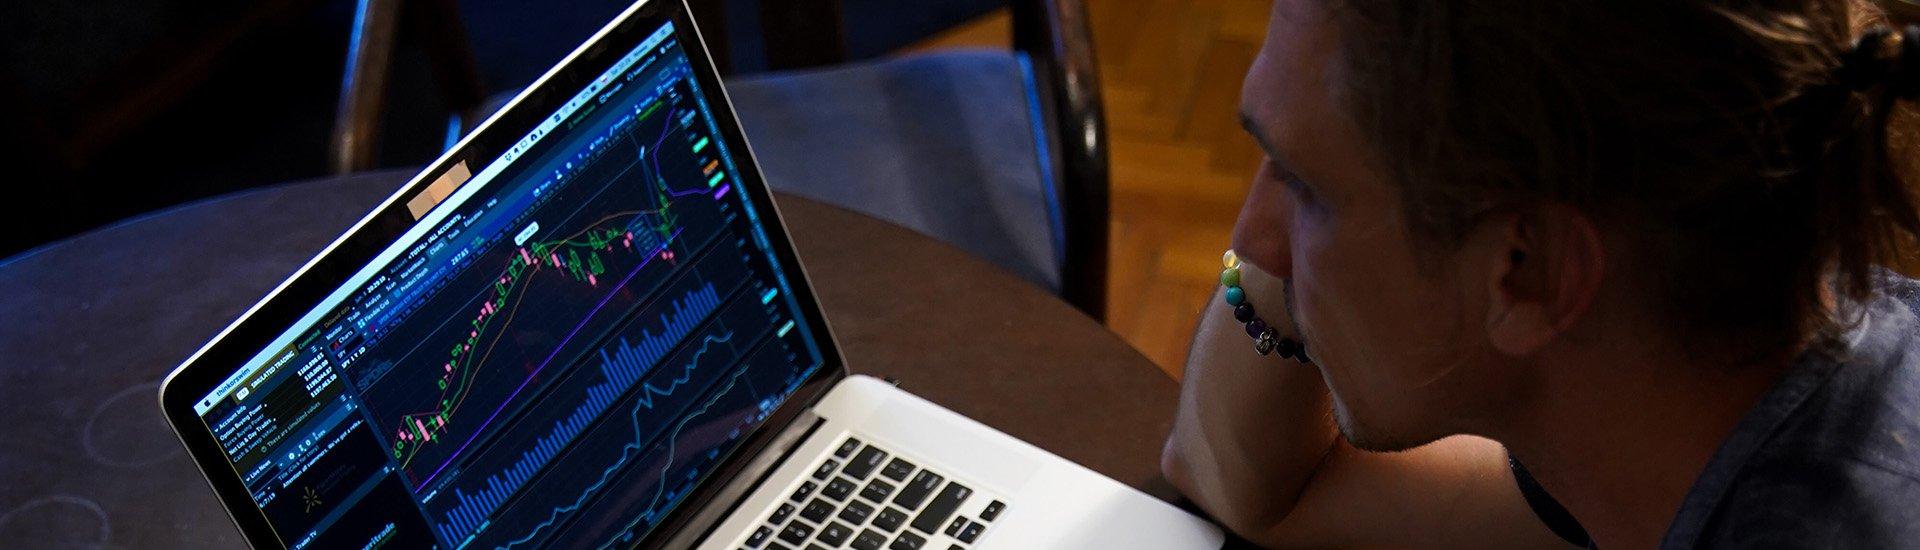 man-looking-at-laptop-data